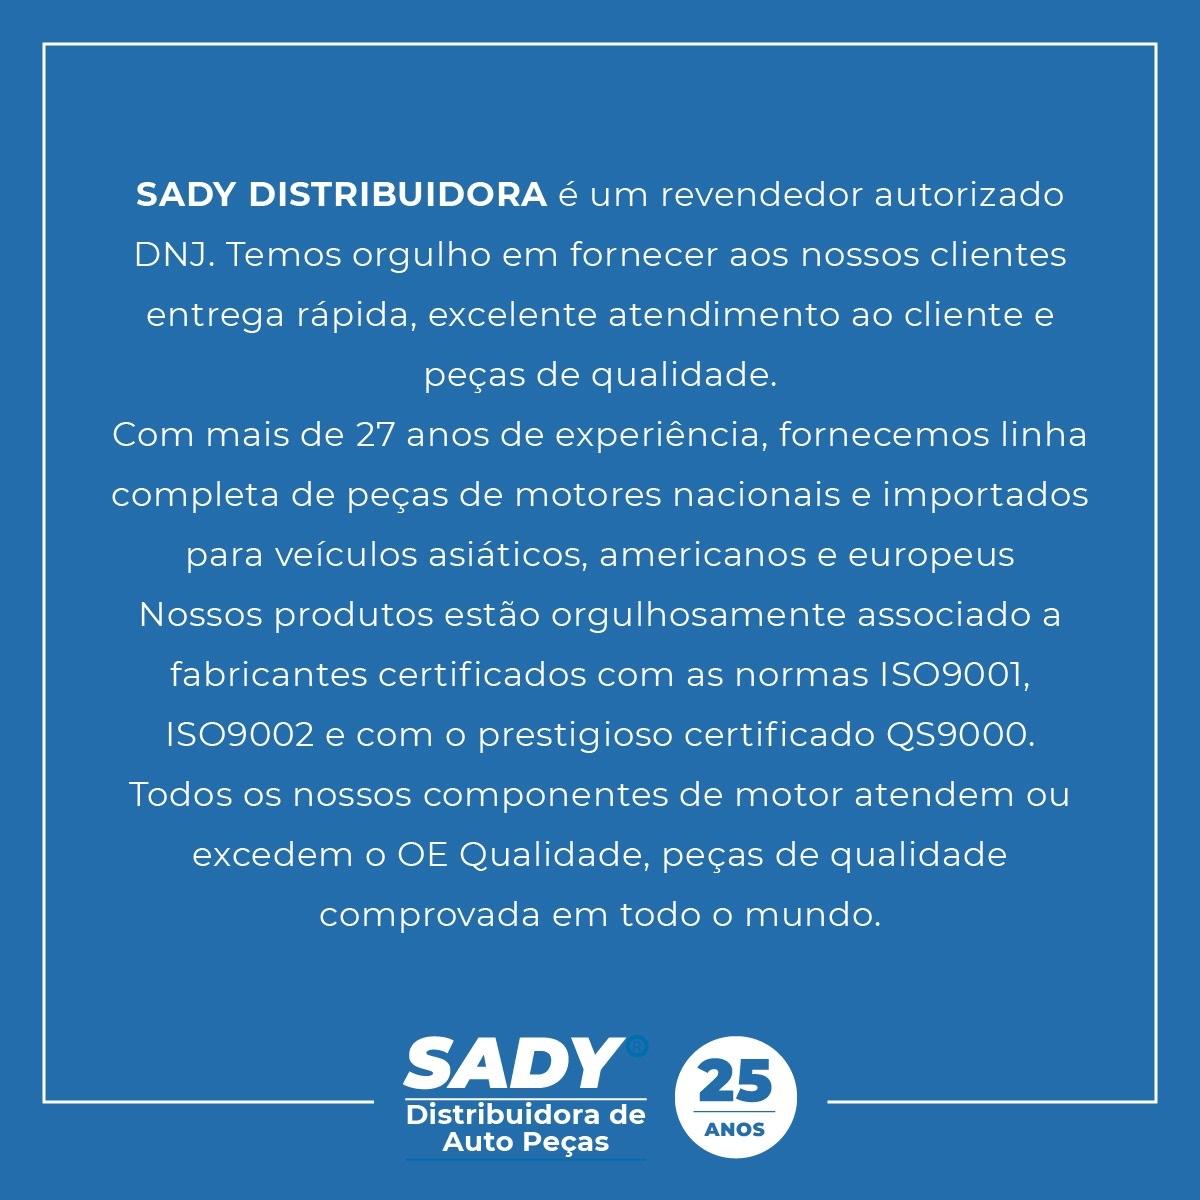 BOMBA DE OLEO DO MOTOR CHRYSLER 2.5/4.0 GAS